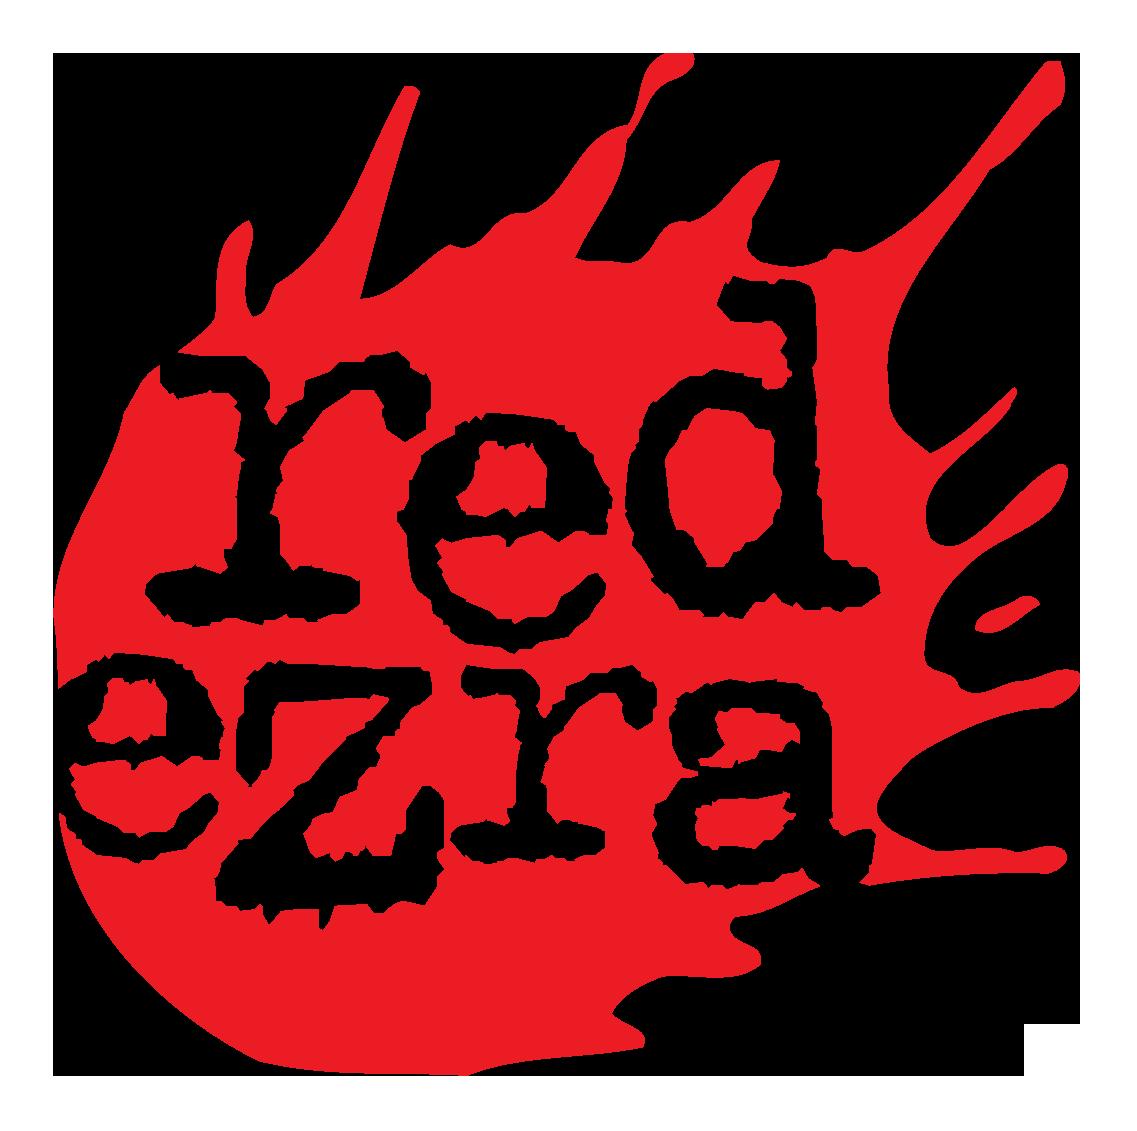 Red Ezra logo